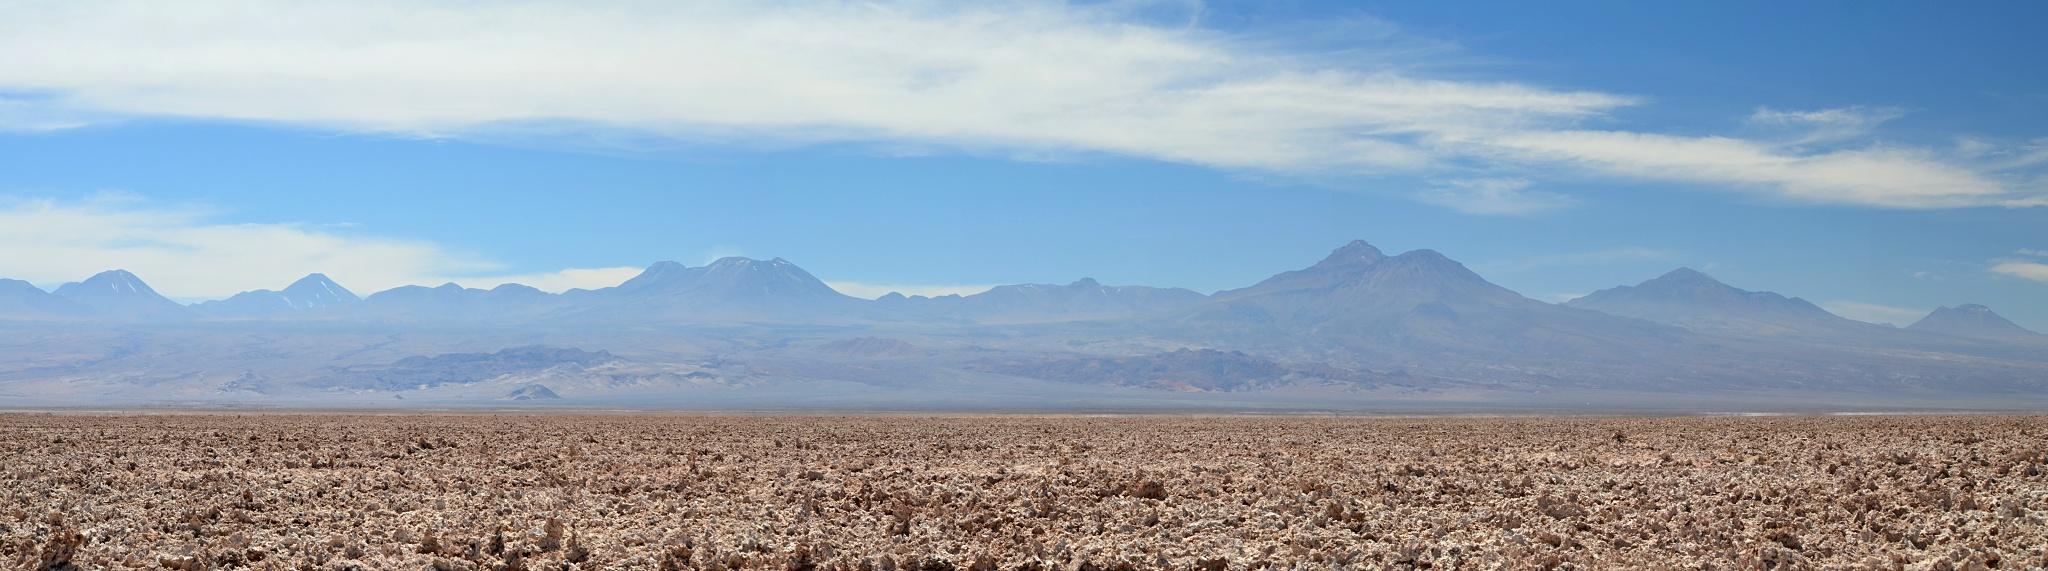 Panoramatický pohled od jezero Chaxa